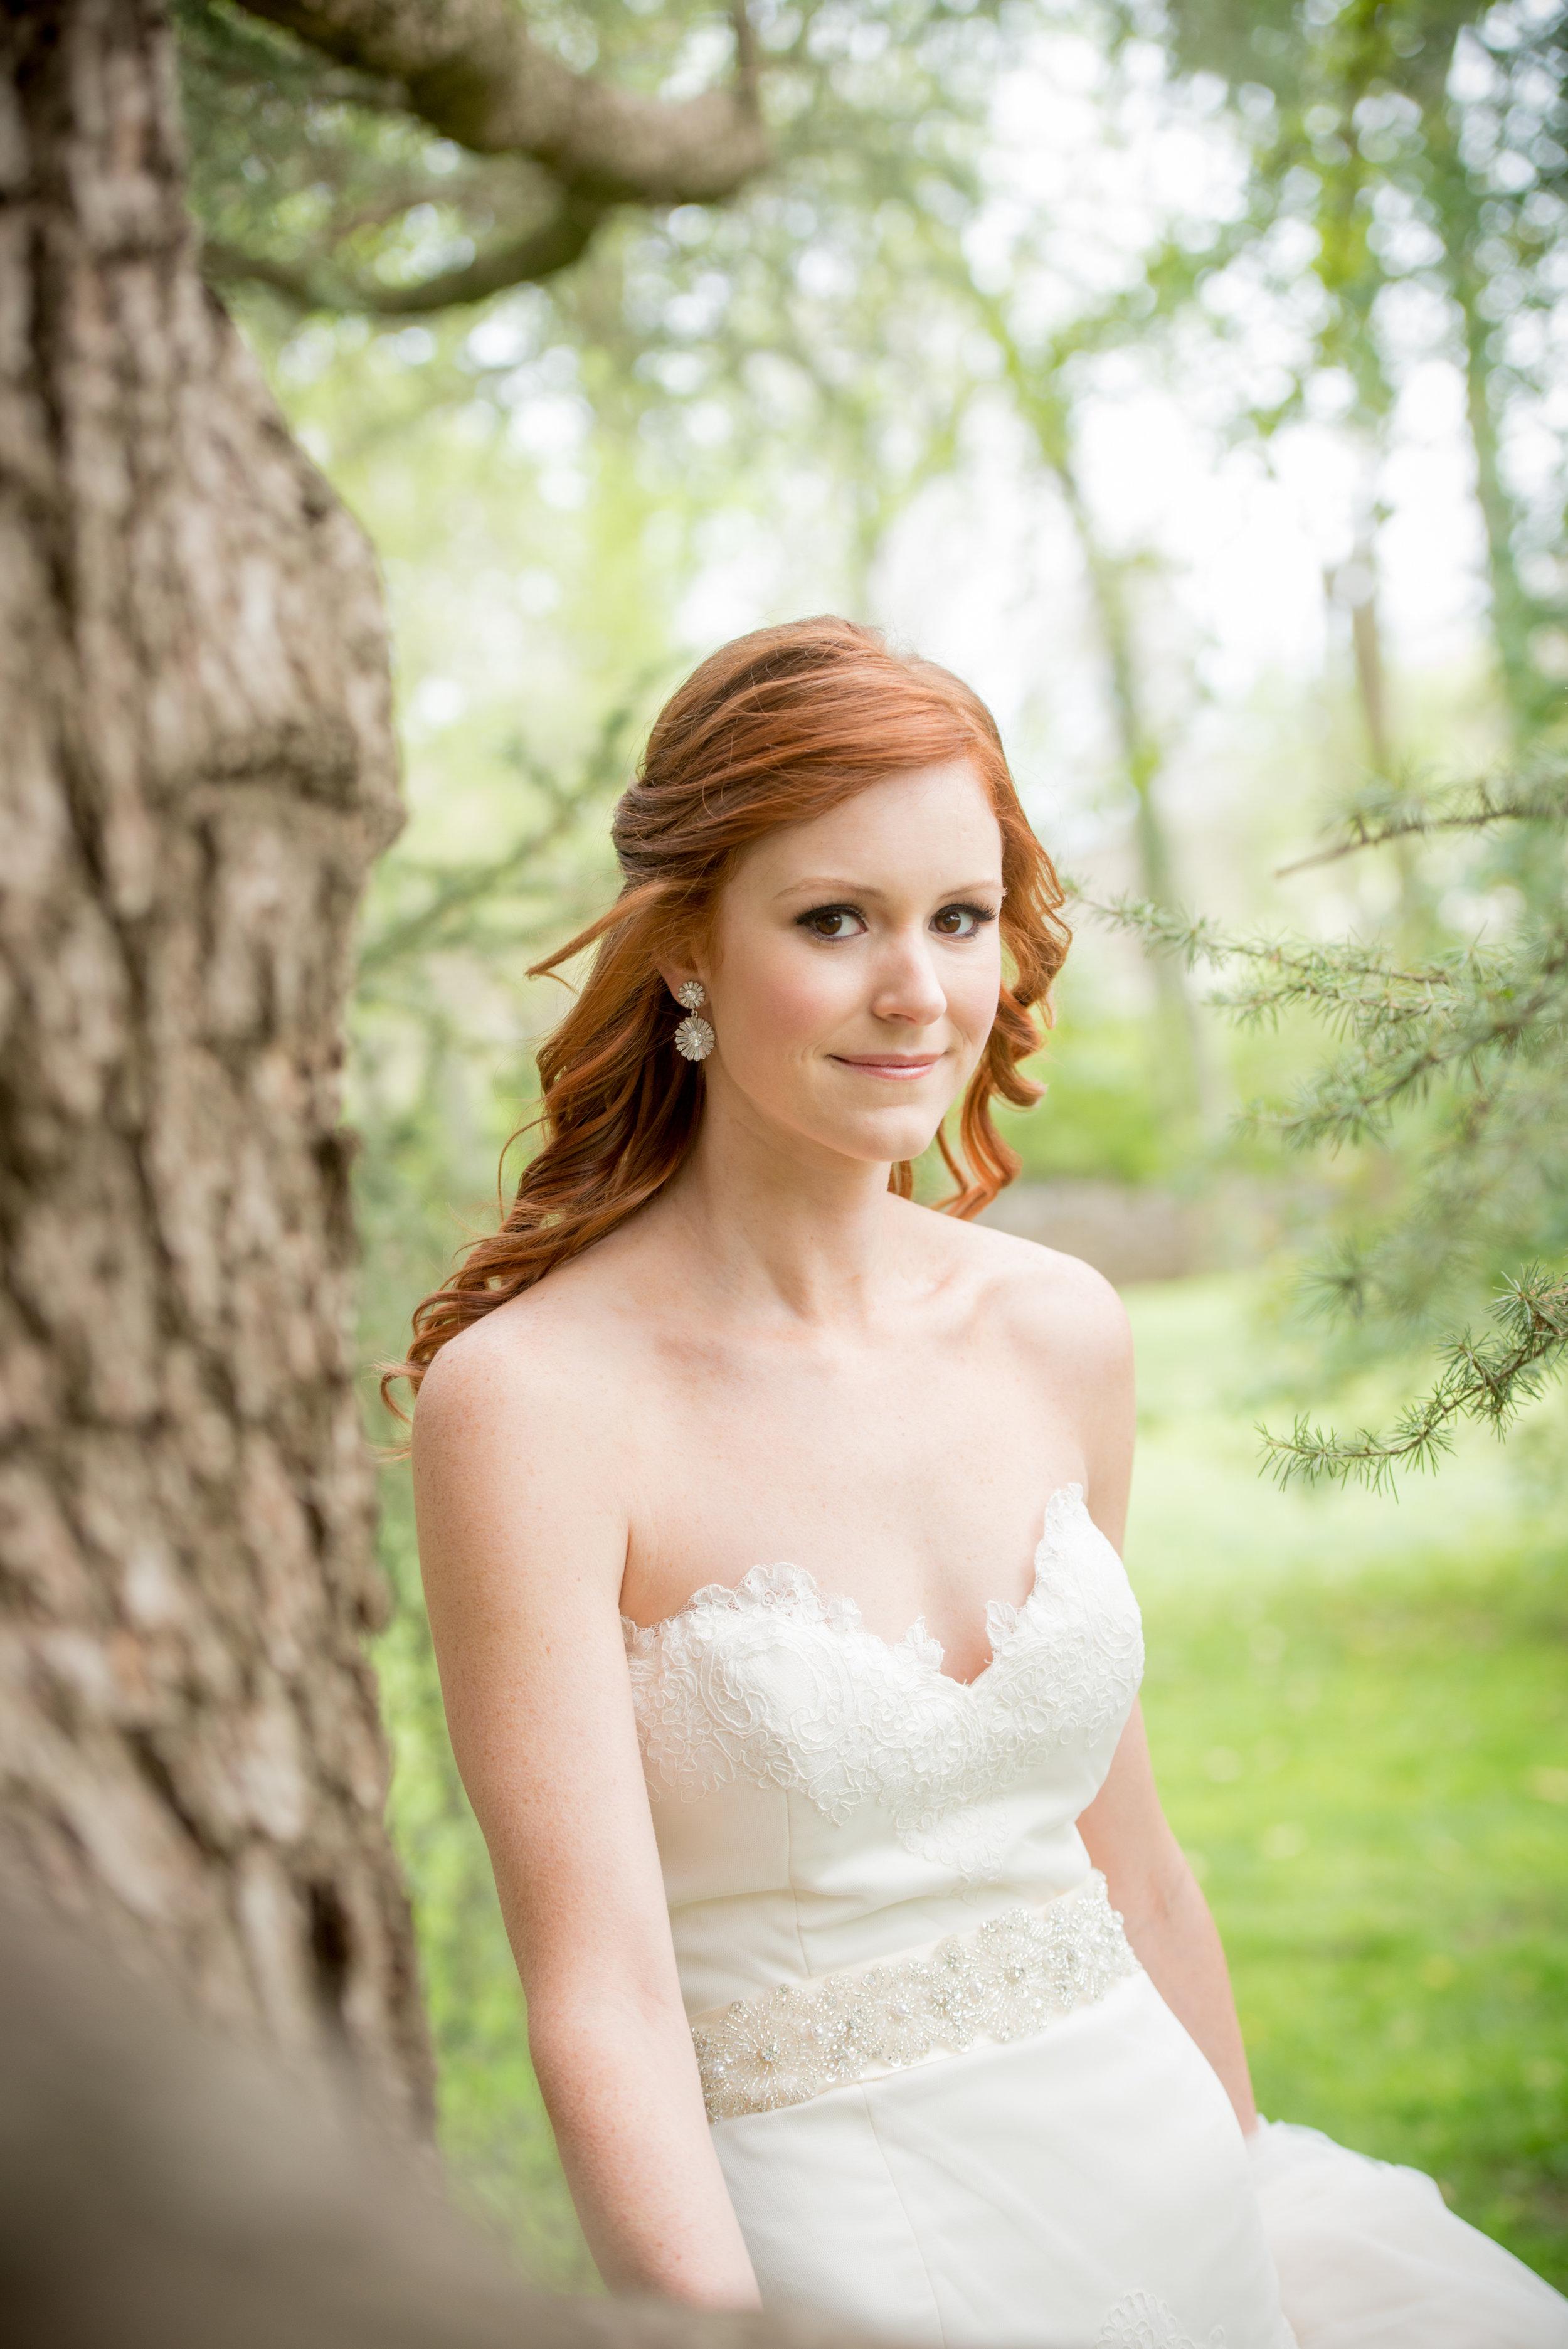 LaurenBridal-62.jpg